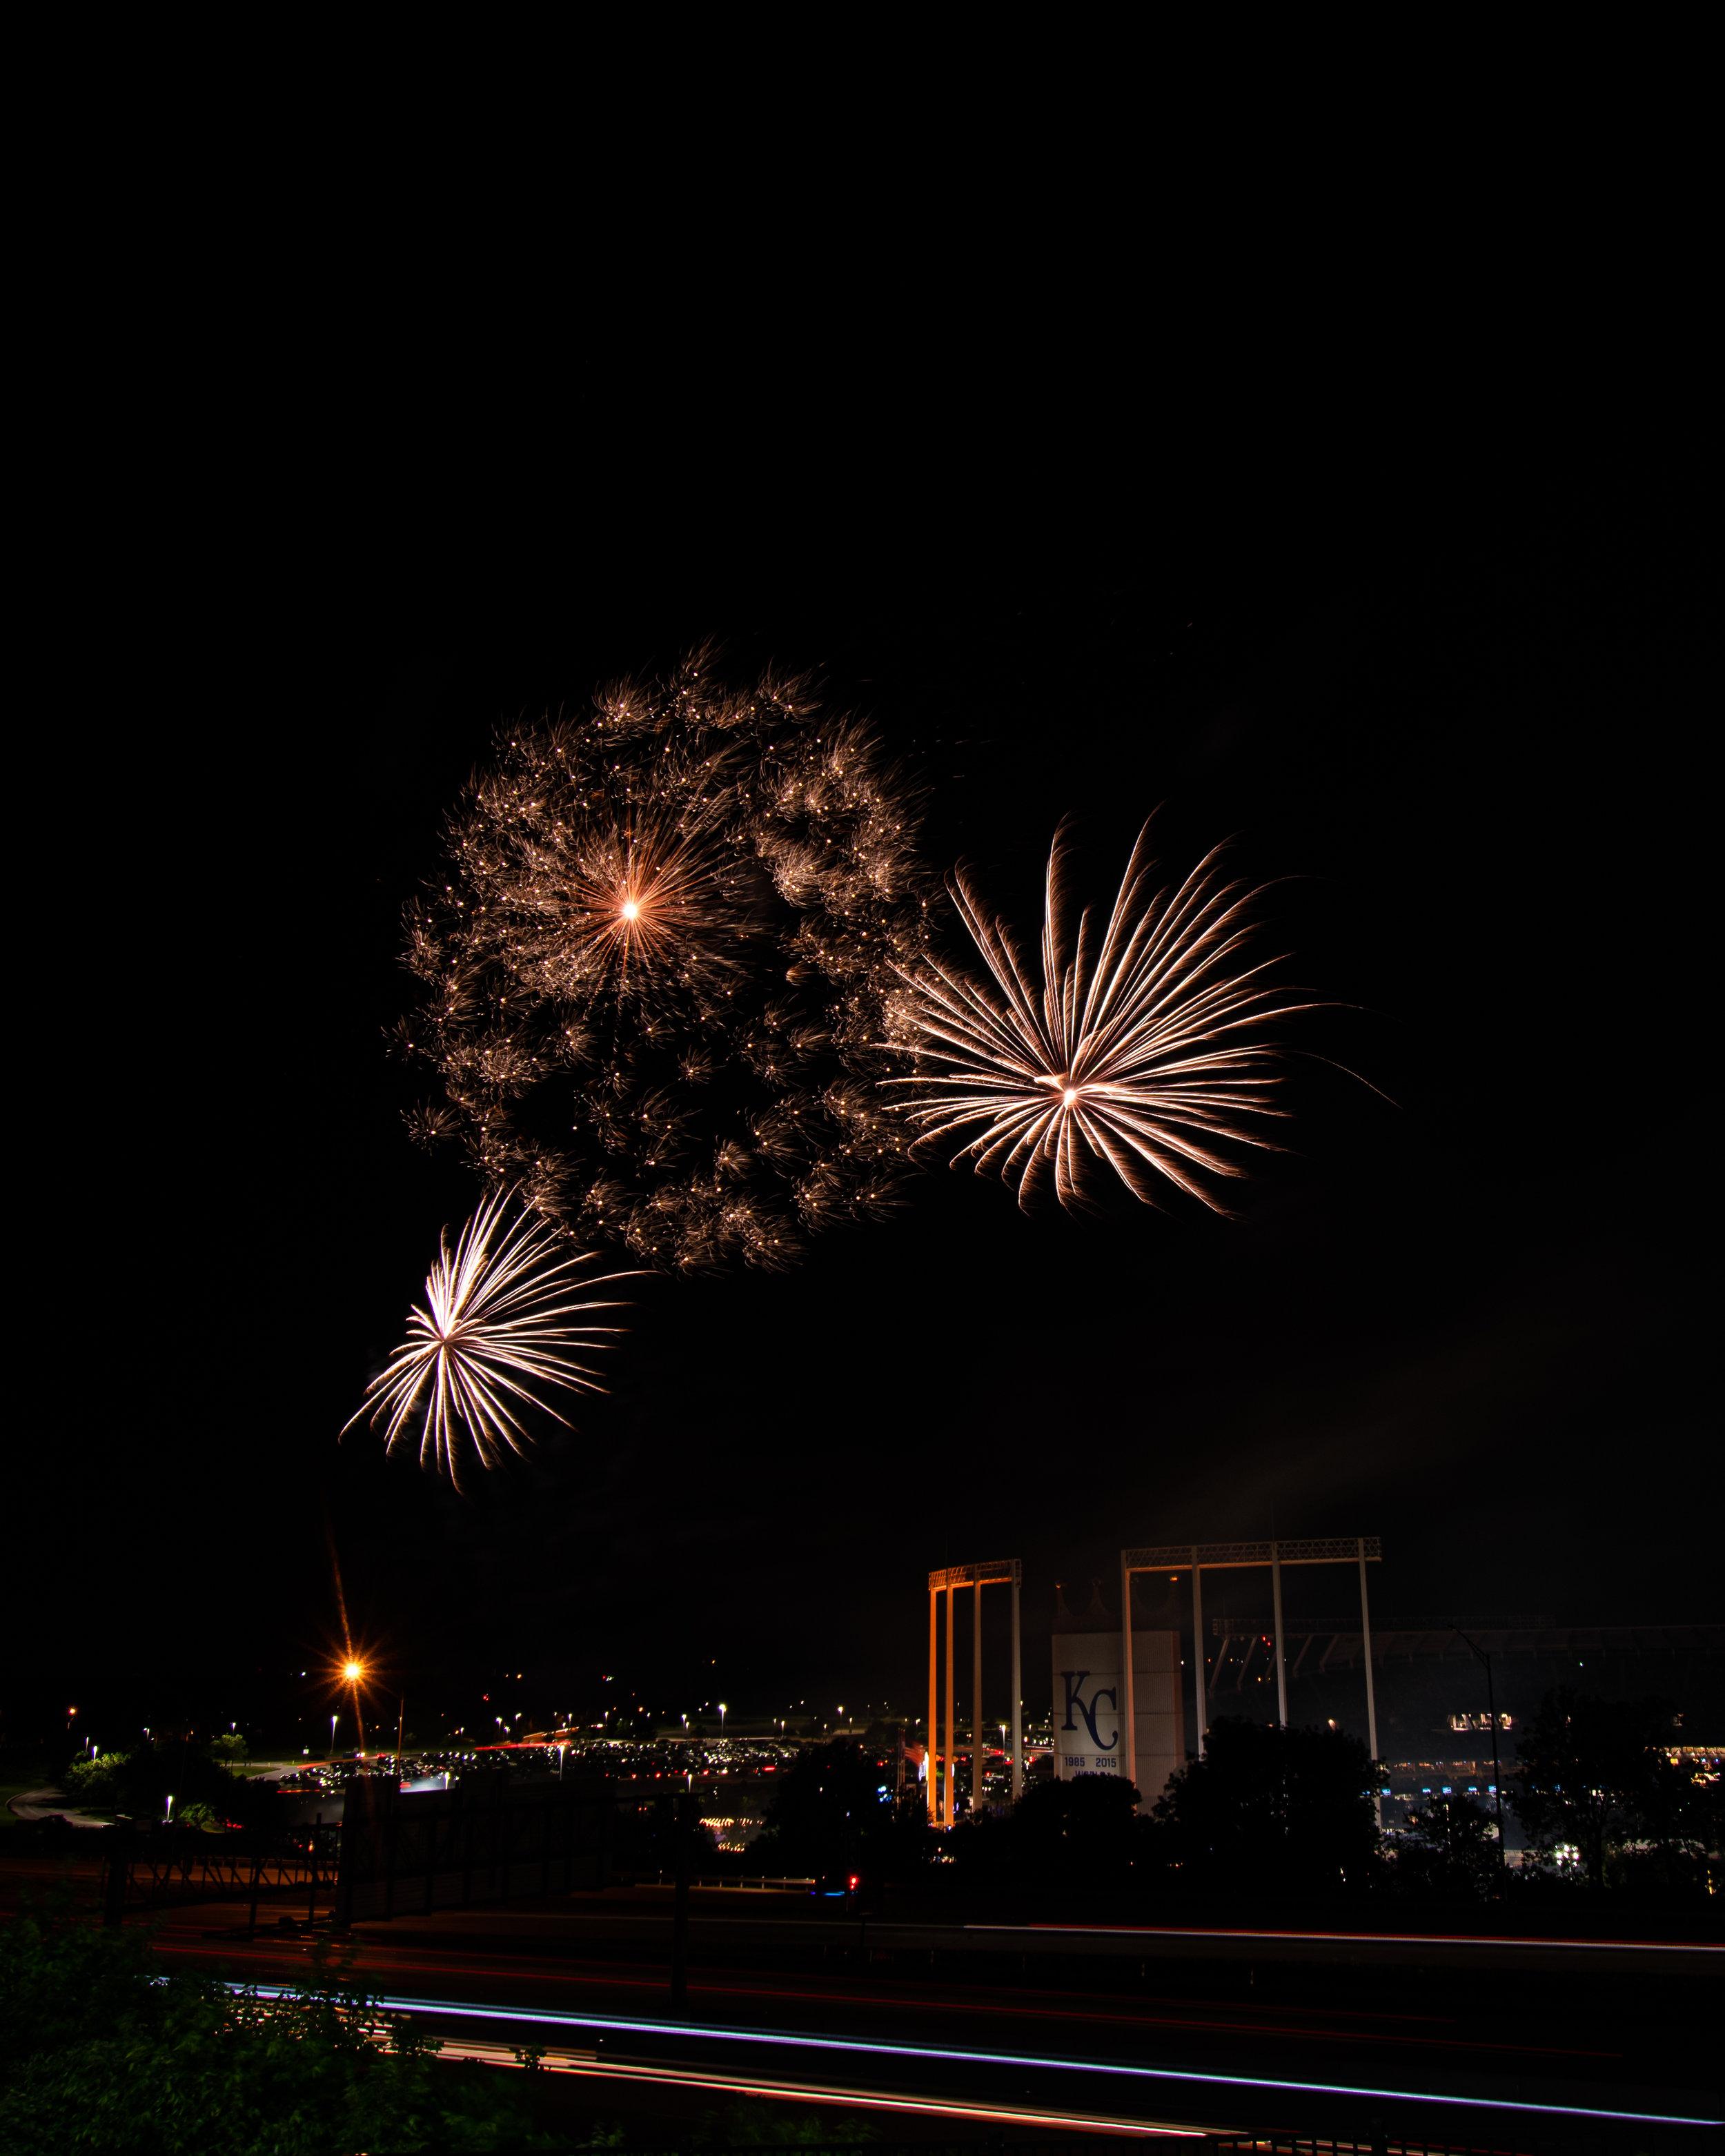 firework-friday-41-of-51_48108276456_o.jpg